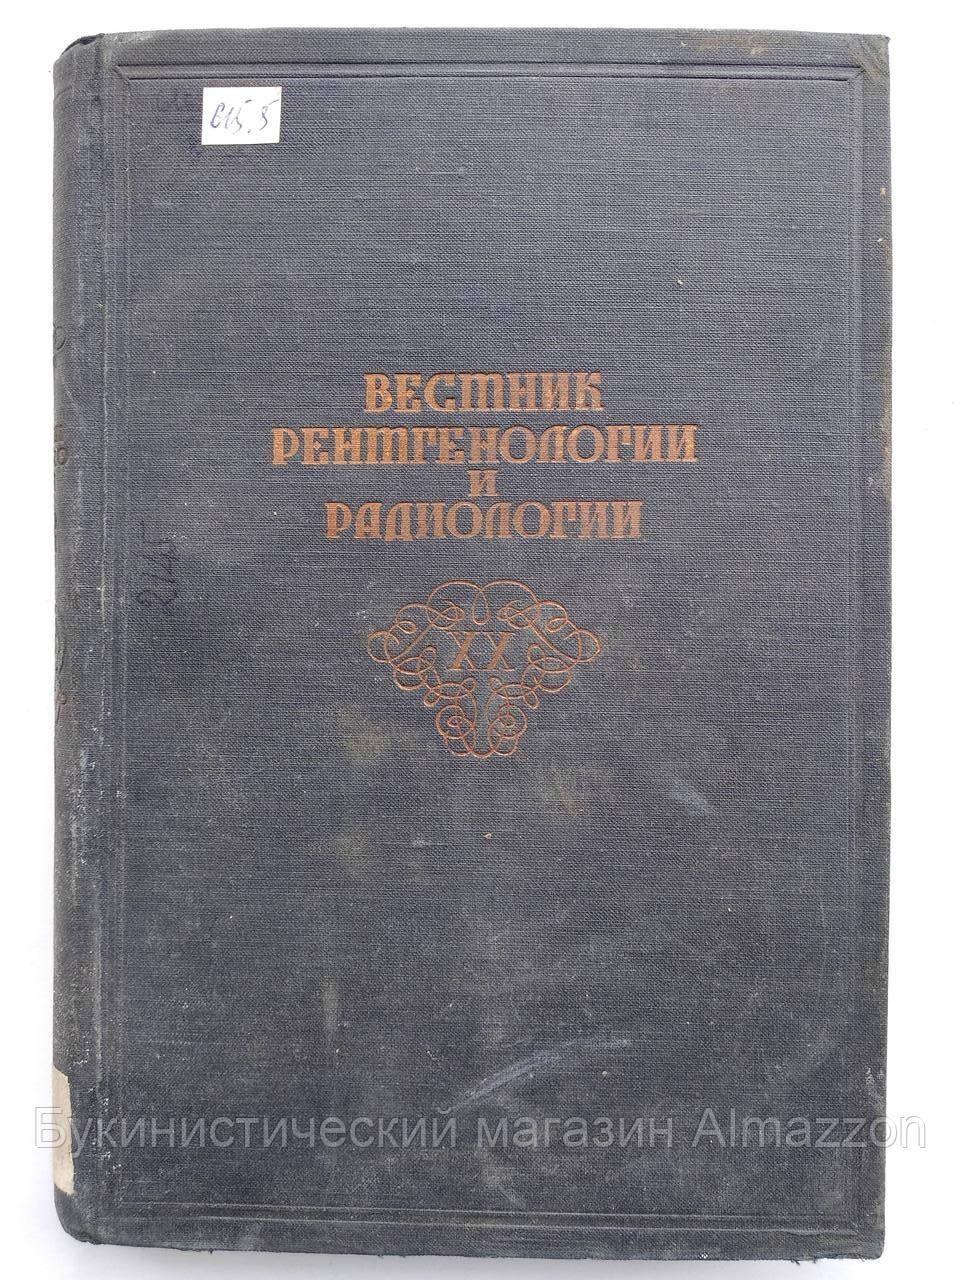 1938 Вестник рентгенологии и радиологии Том XX Труды годичной сессии 1937 года